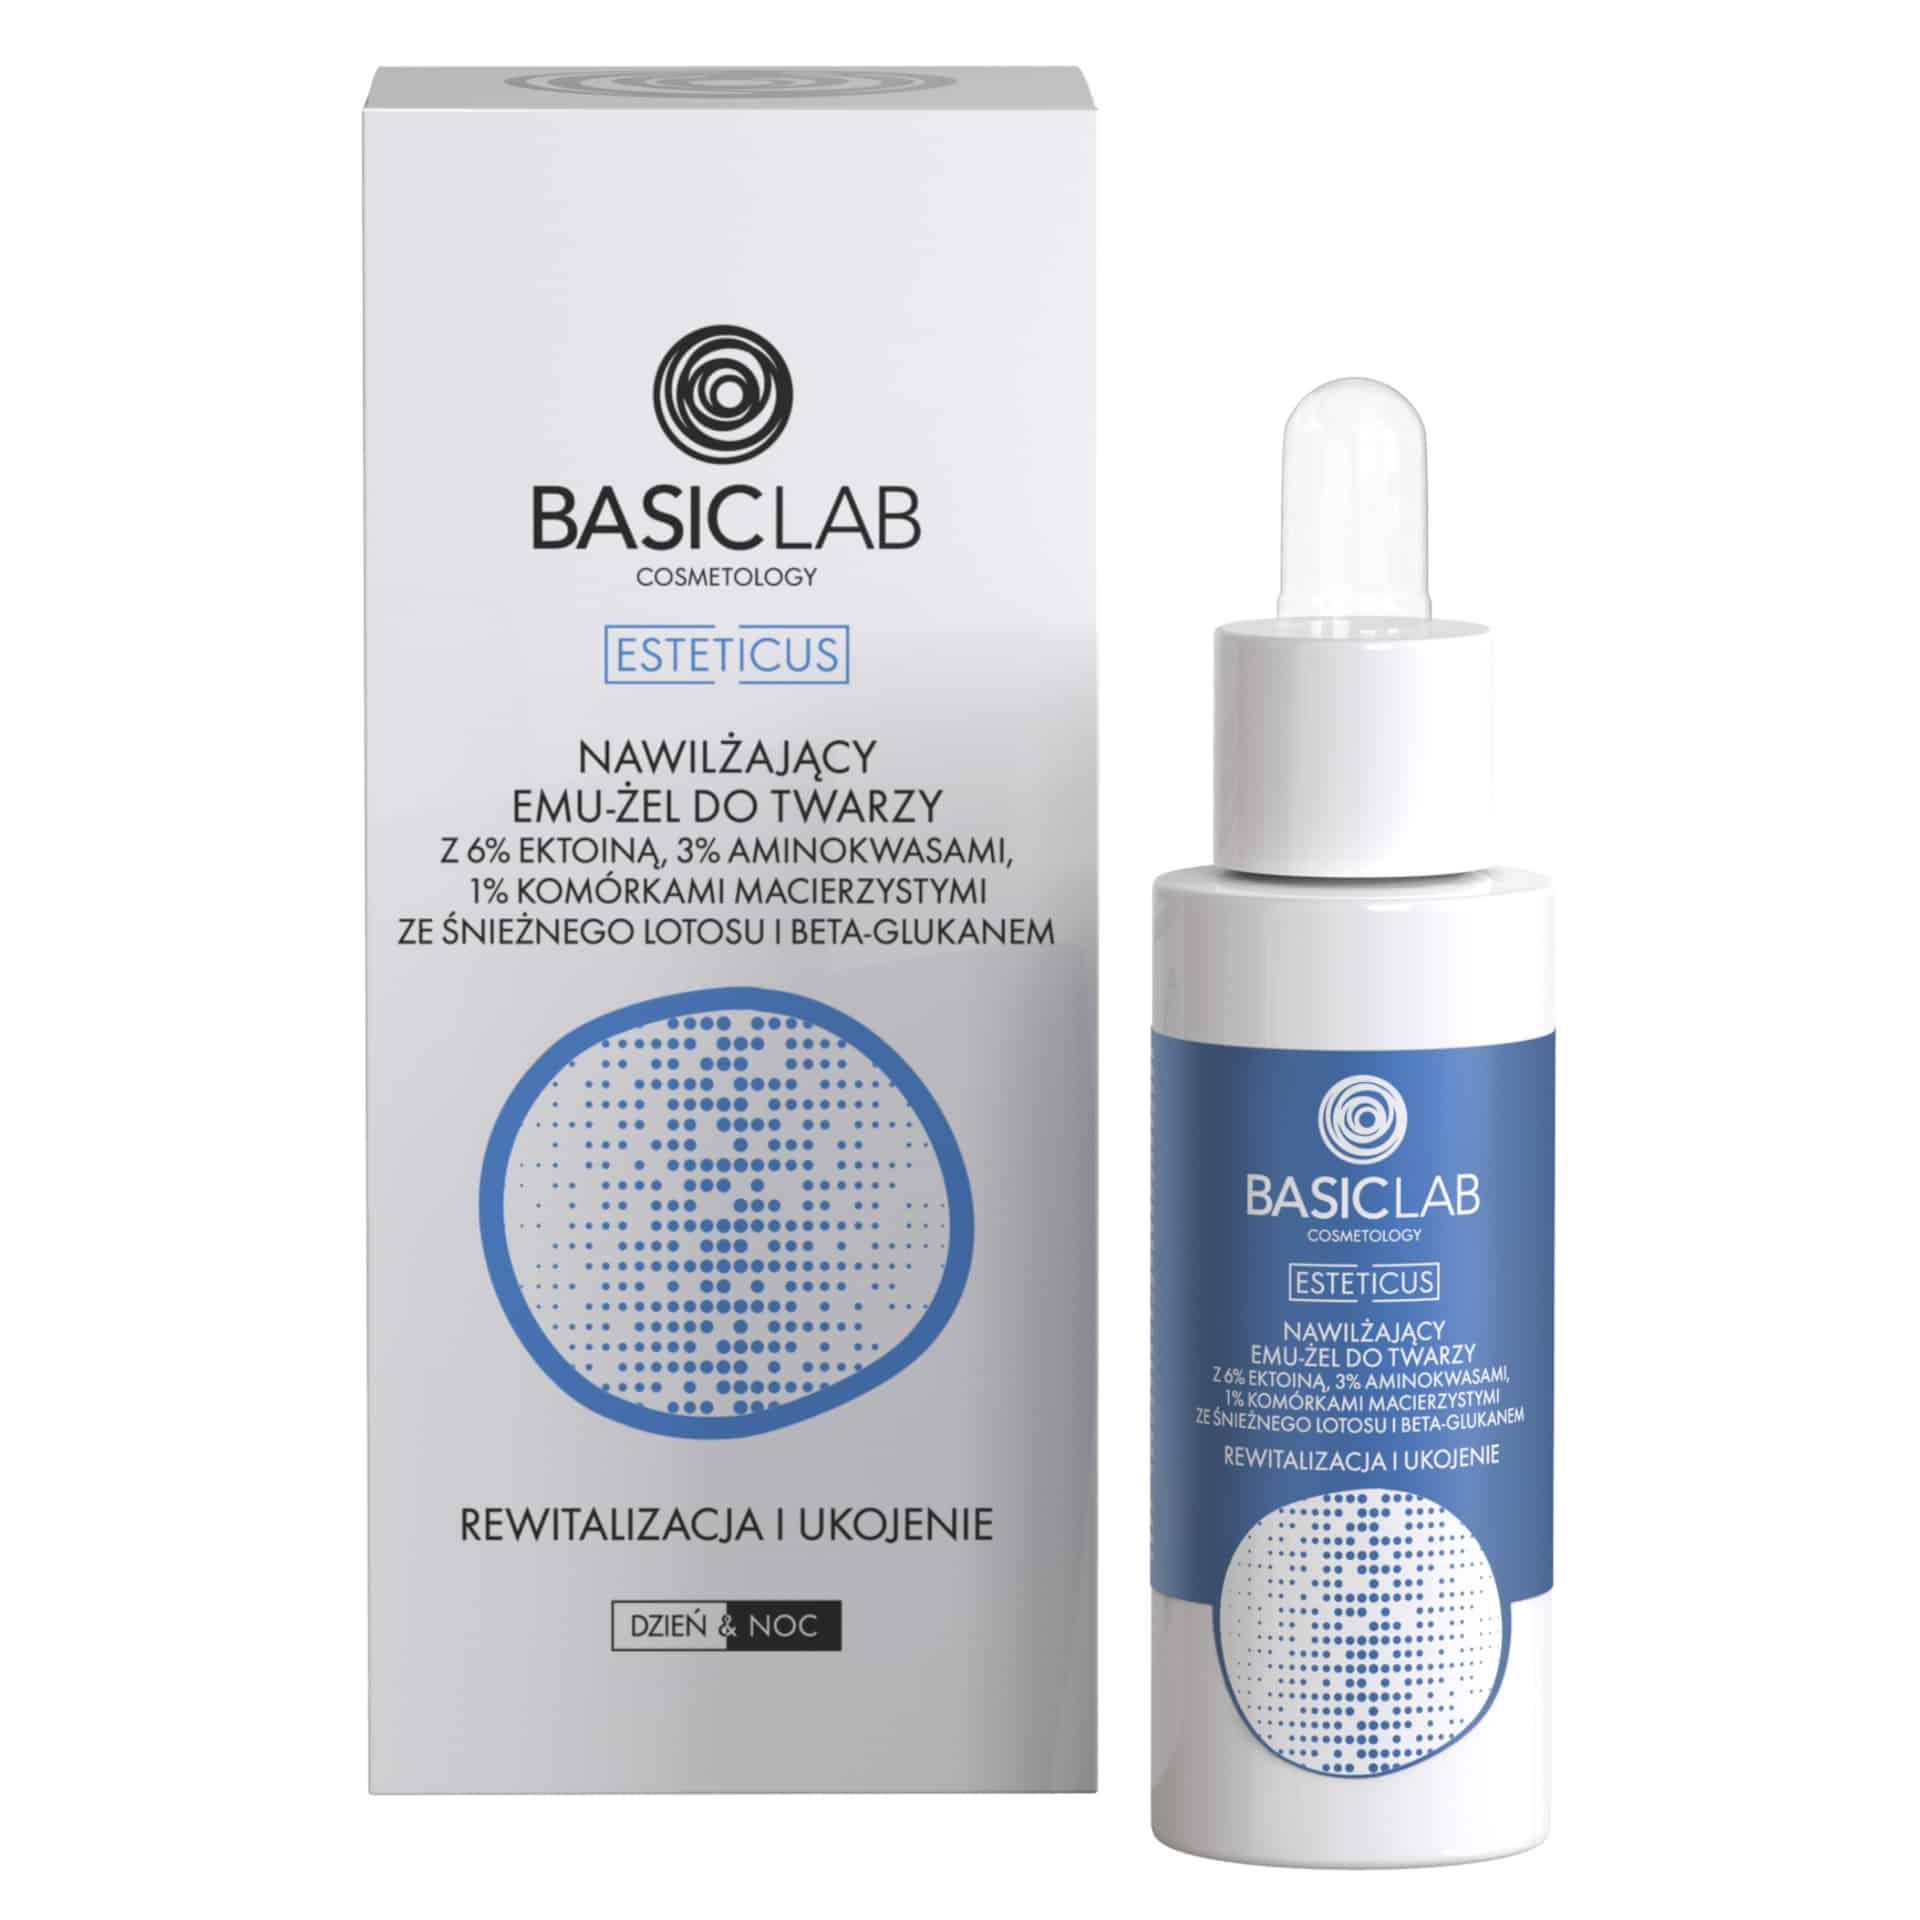 BasicLab Dermocosmetics – Nawilżający emu-żel do twarzy z 6% ektoiną i komórkami macierzystymi ze śnieżnego lotosu – Rewitalizacja i ukojenie (Fot. BasicLab Dermocosmetics)